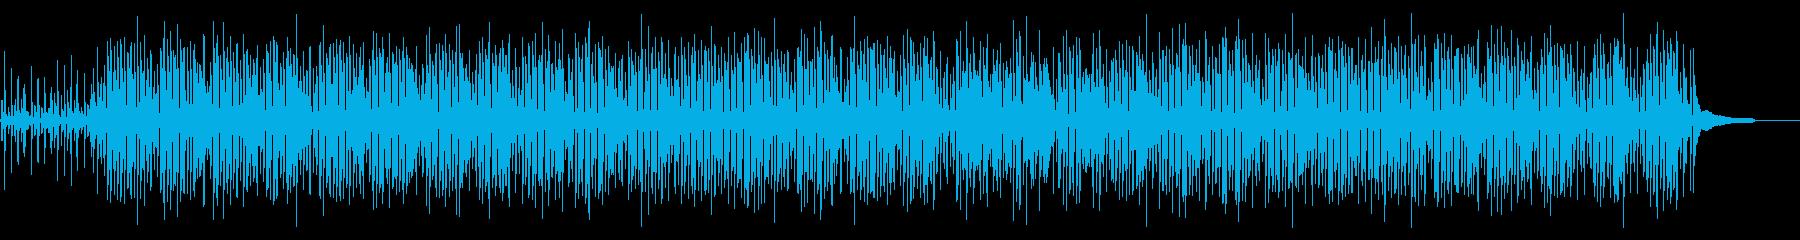 カフェBGM・パリをイメージしたジャズの再生済みの波形